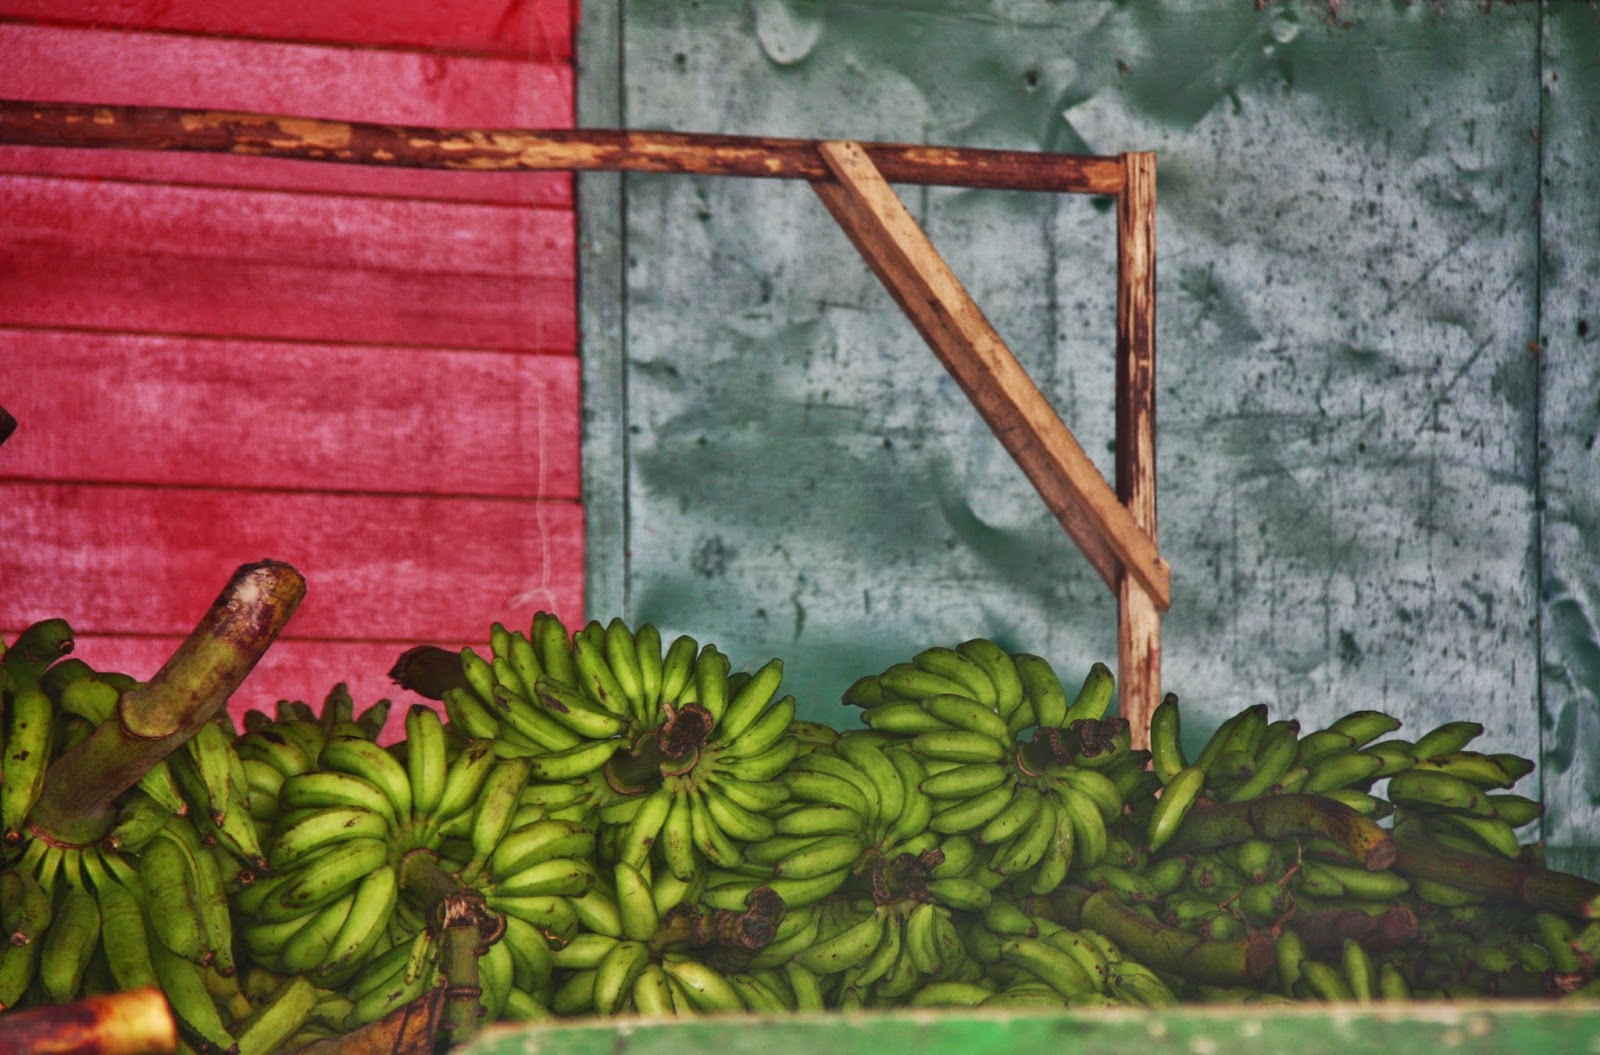 Frutas em exposição no mercado de Tefé.